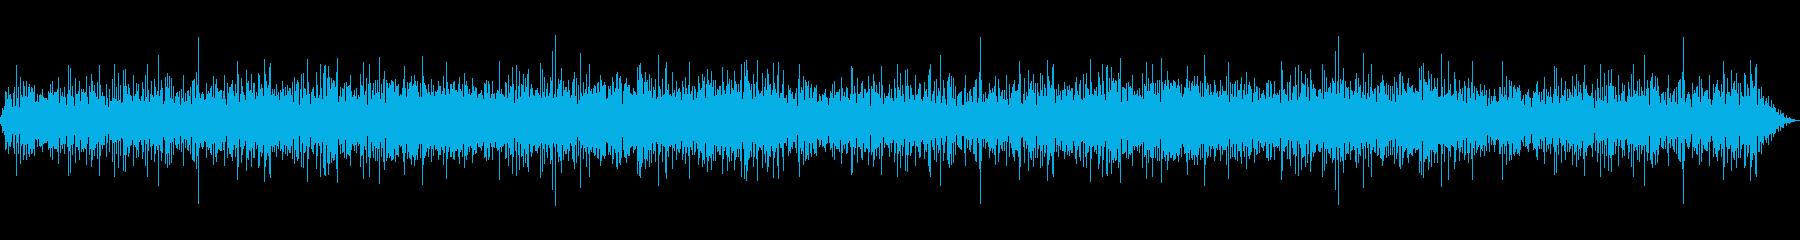 雨の降っている時の癒し環境音01-2の再生済みの波形